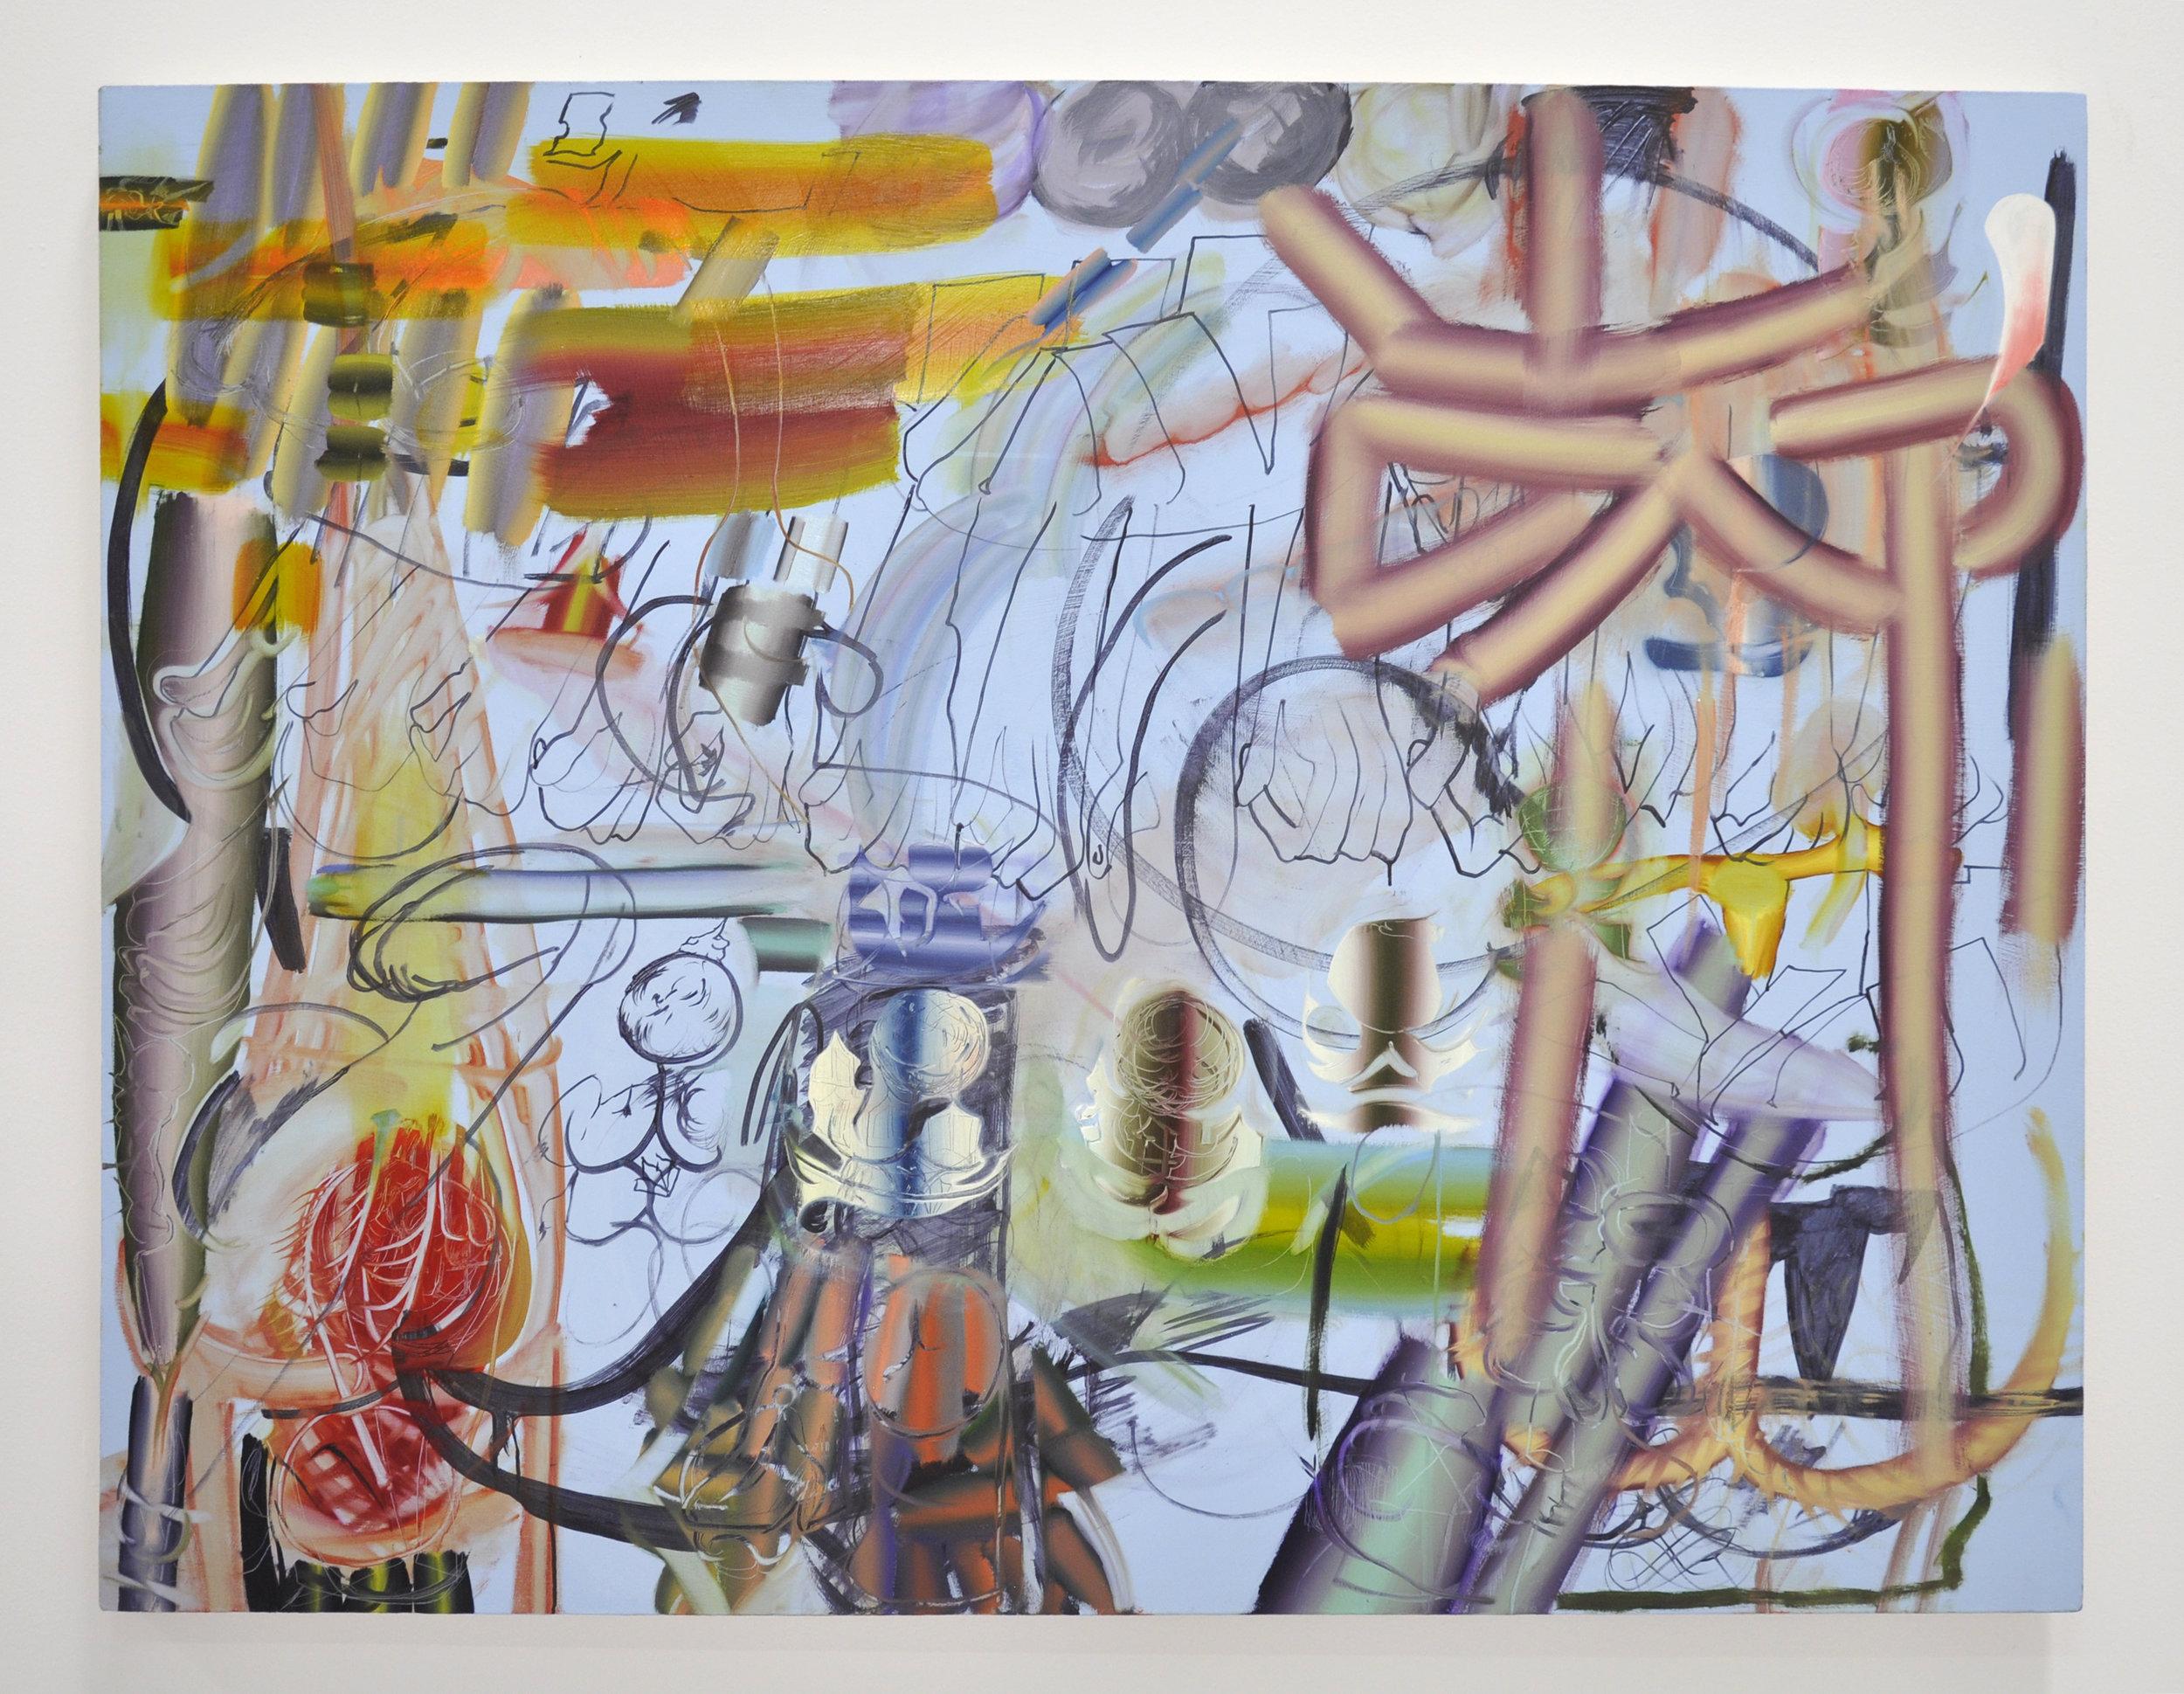 """Copy of Lauren Quin, """"Dials"""", 55 x 77 in, Oil on canvas, 2019"""